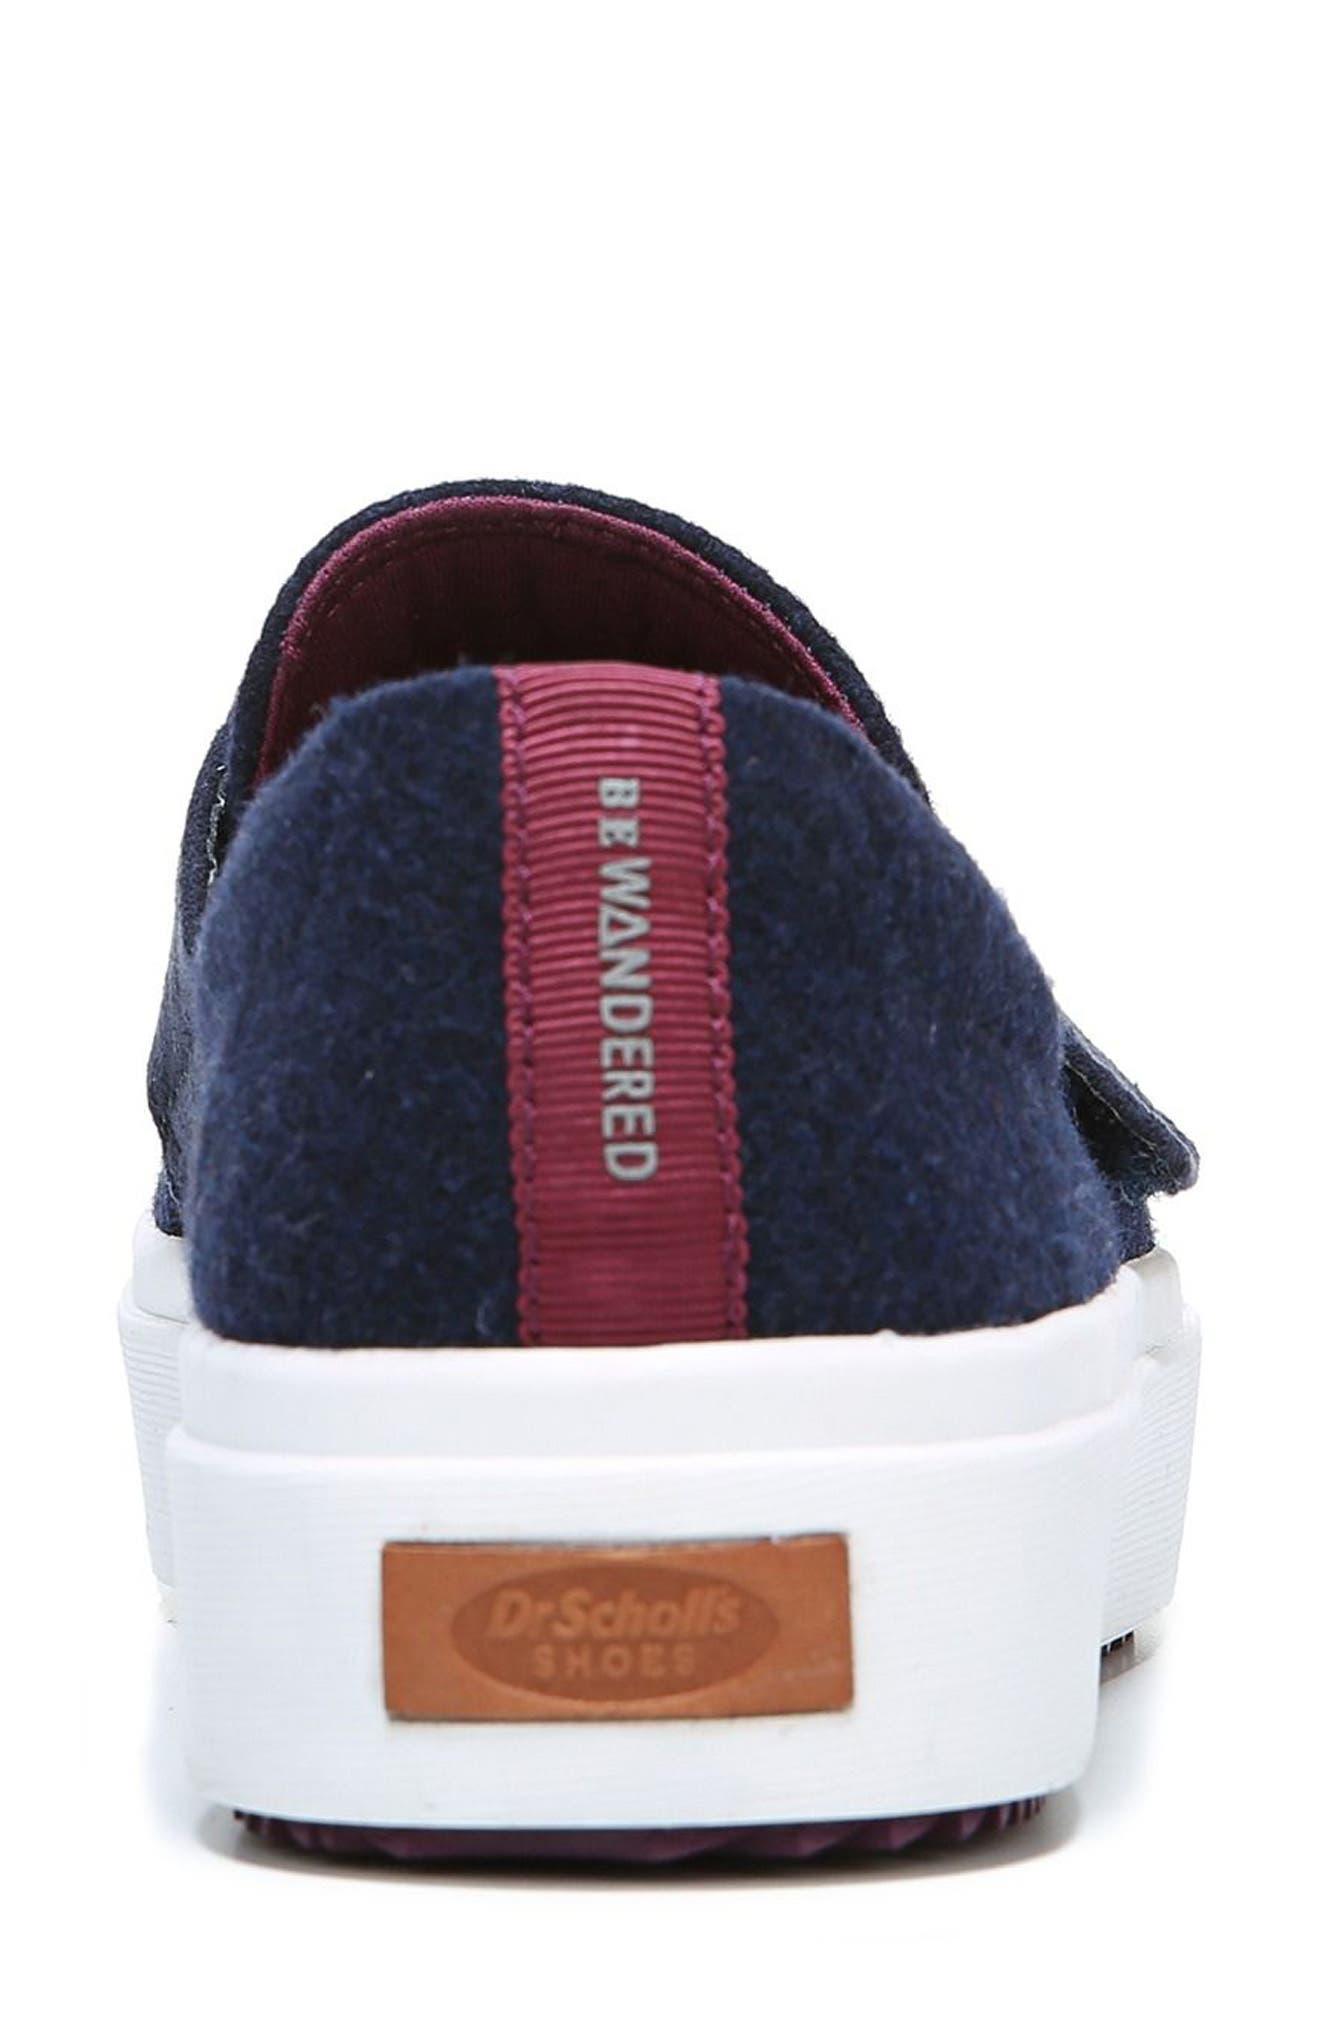 Wander Band Slip-On Sneaker,                             Alternate thumbnail 12, color,